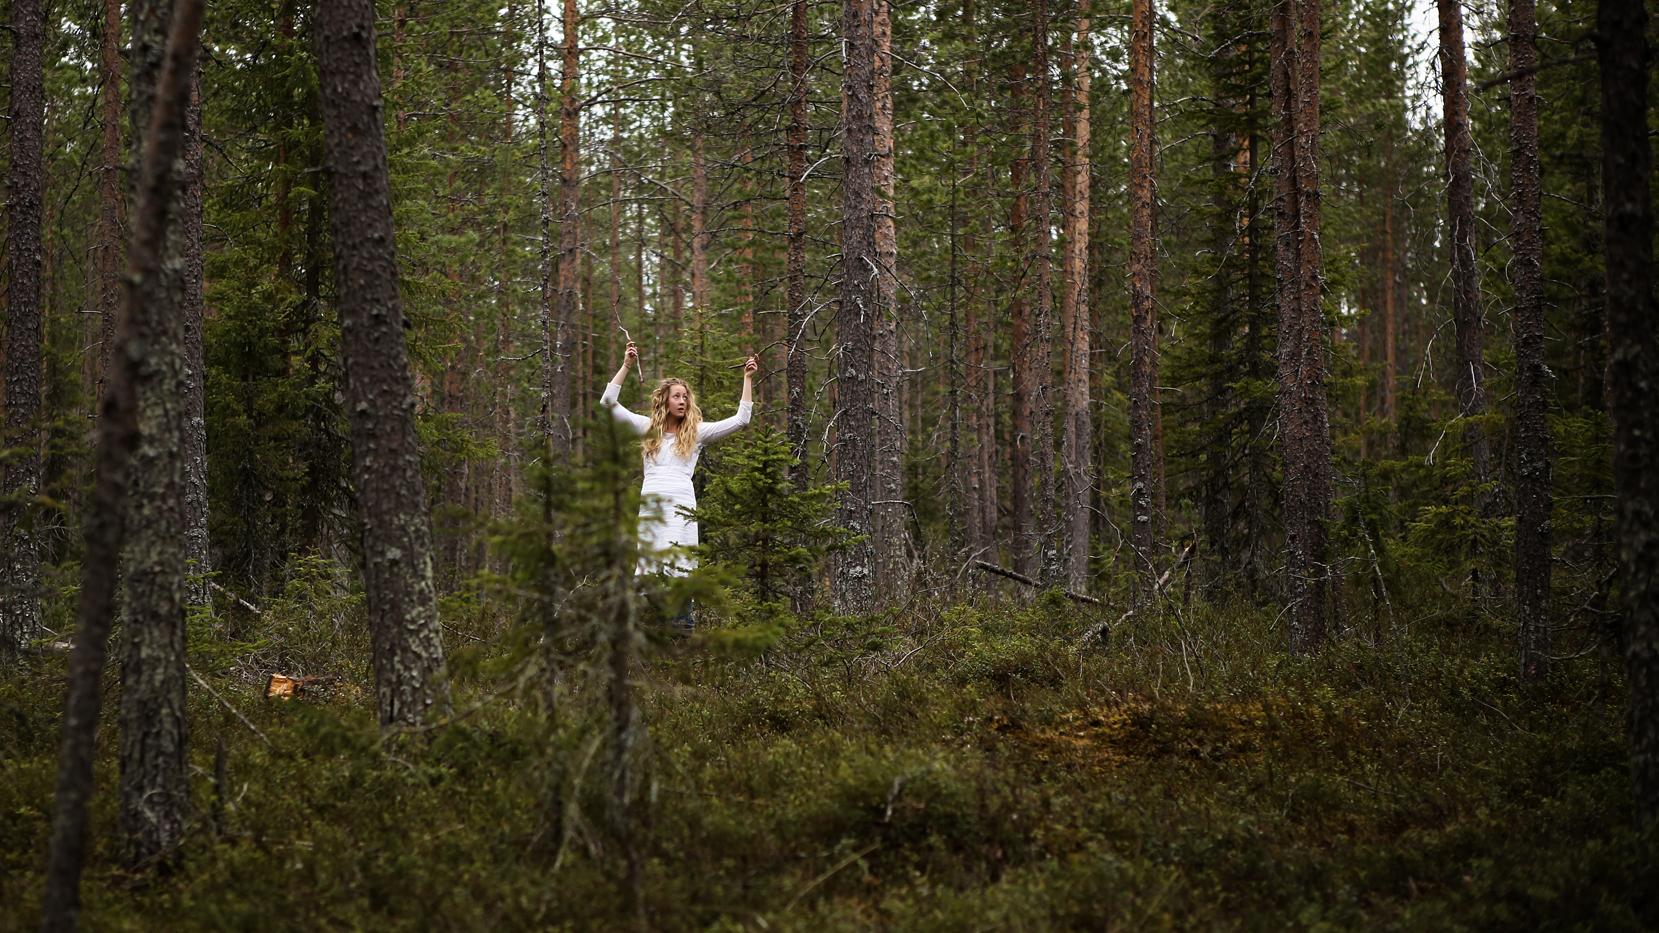 Metsäprojekti_Hiljaisuusfestivaali_2015_C_Jouni_Ihalainen-84.jpg